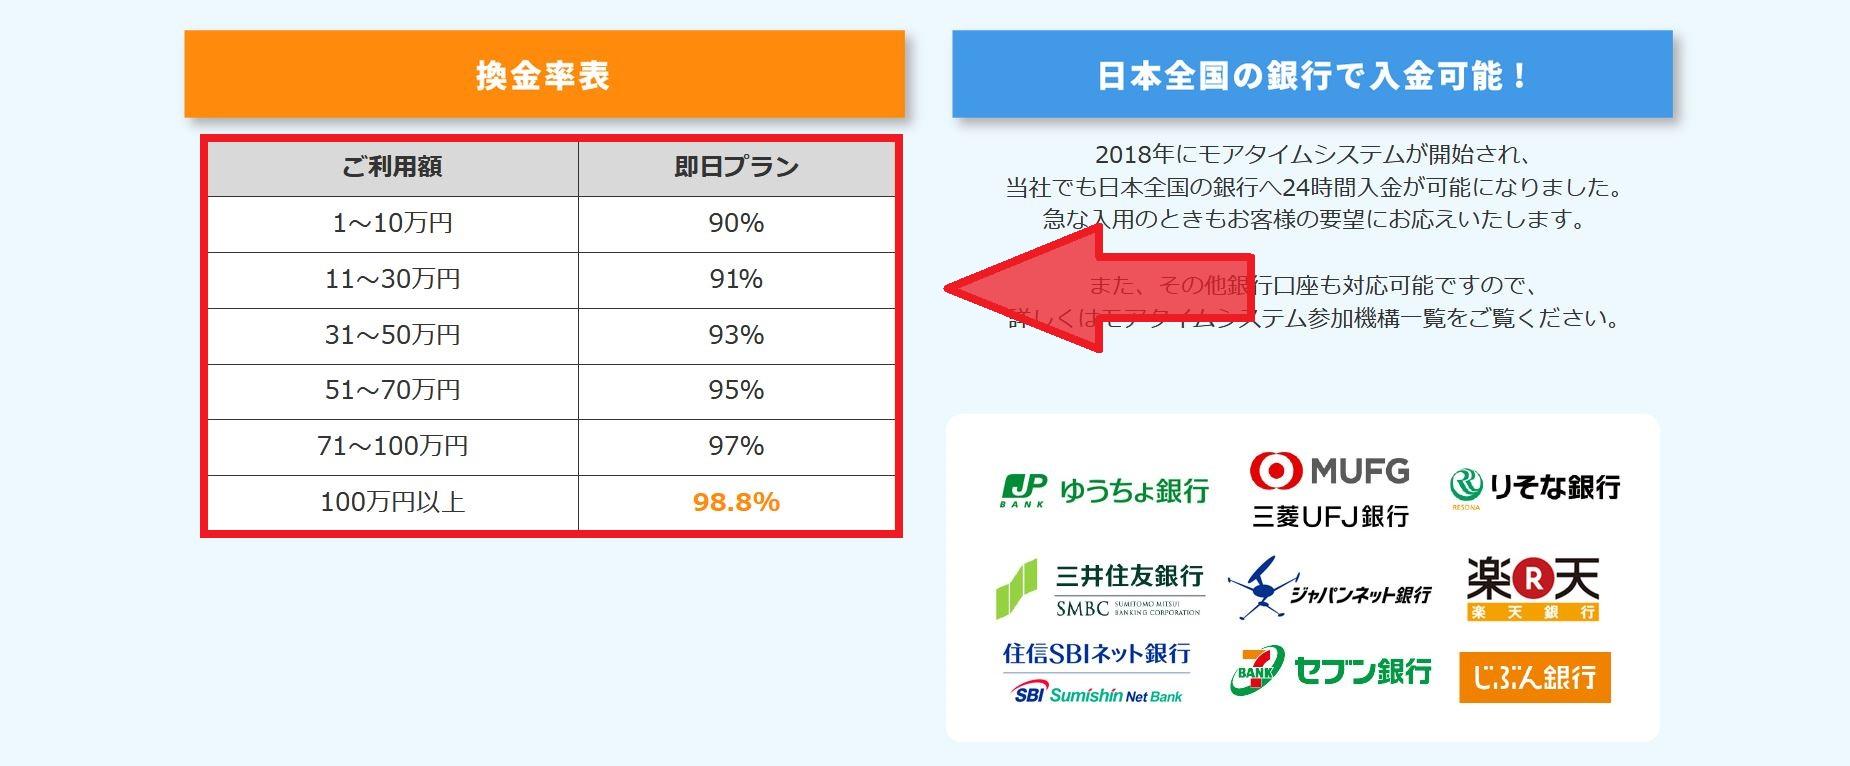 換金率は90%~98.8%で最低90%保証